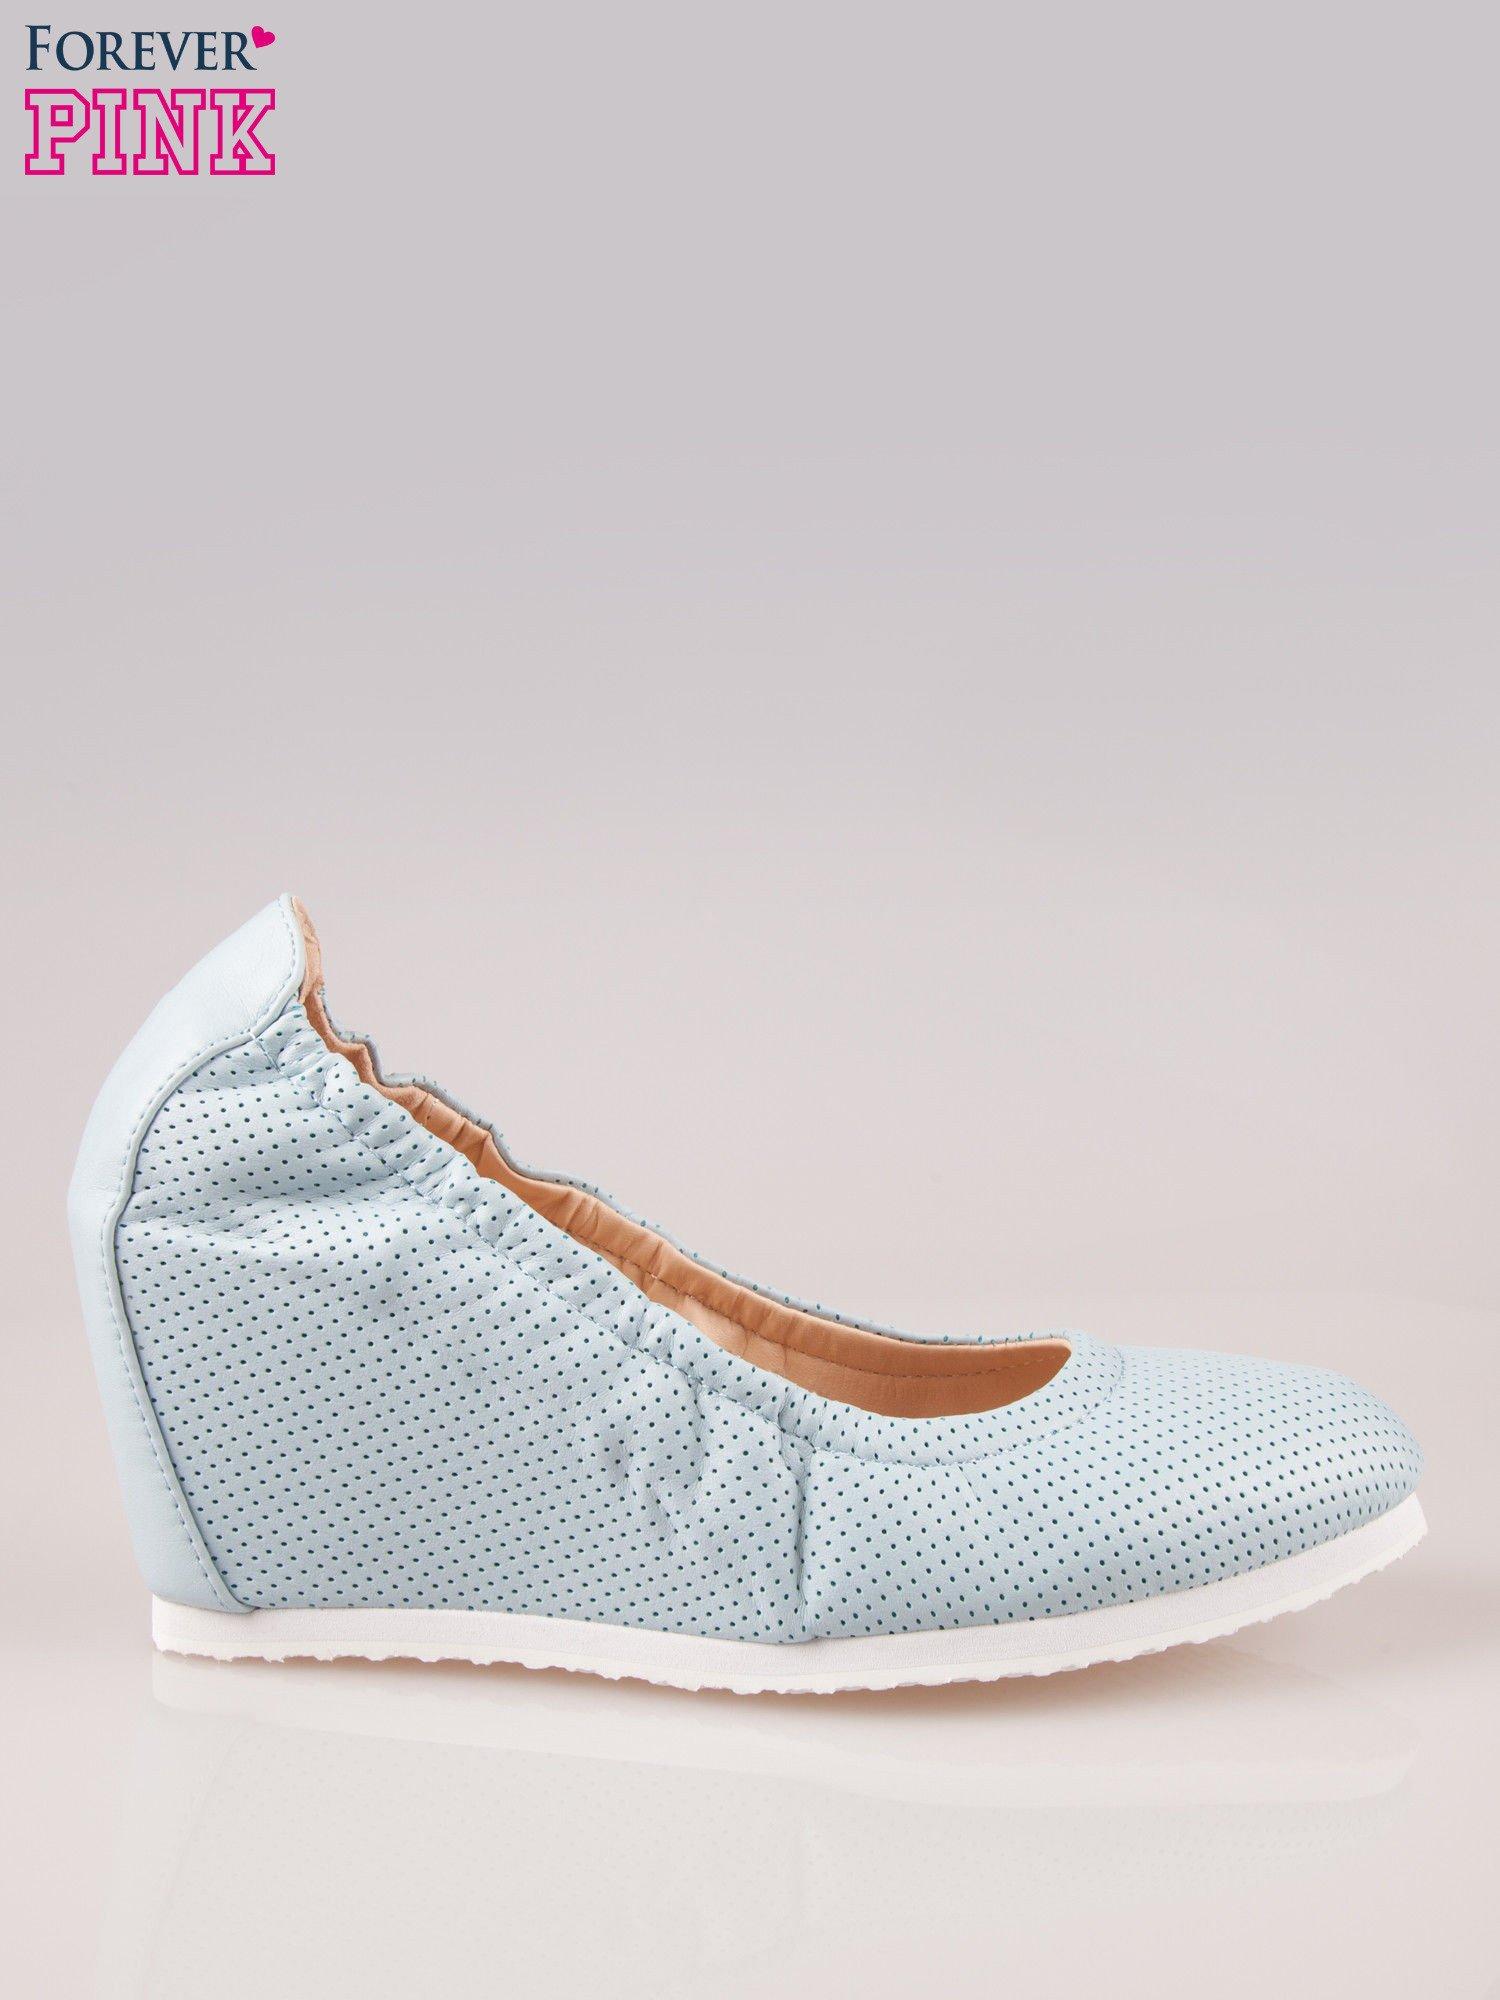 Błękitne siateczkowe buty na koturnie                                  zdj.                                  1